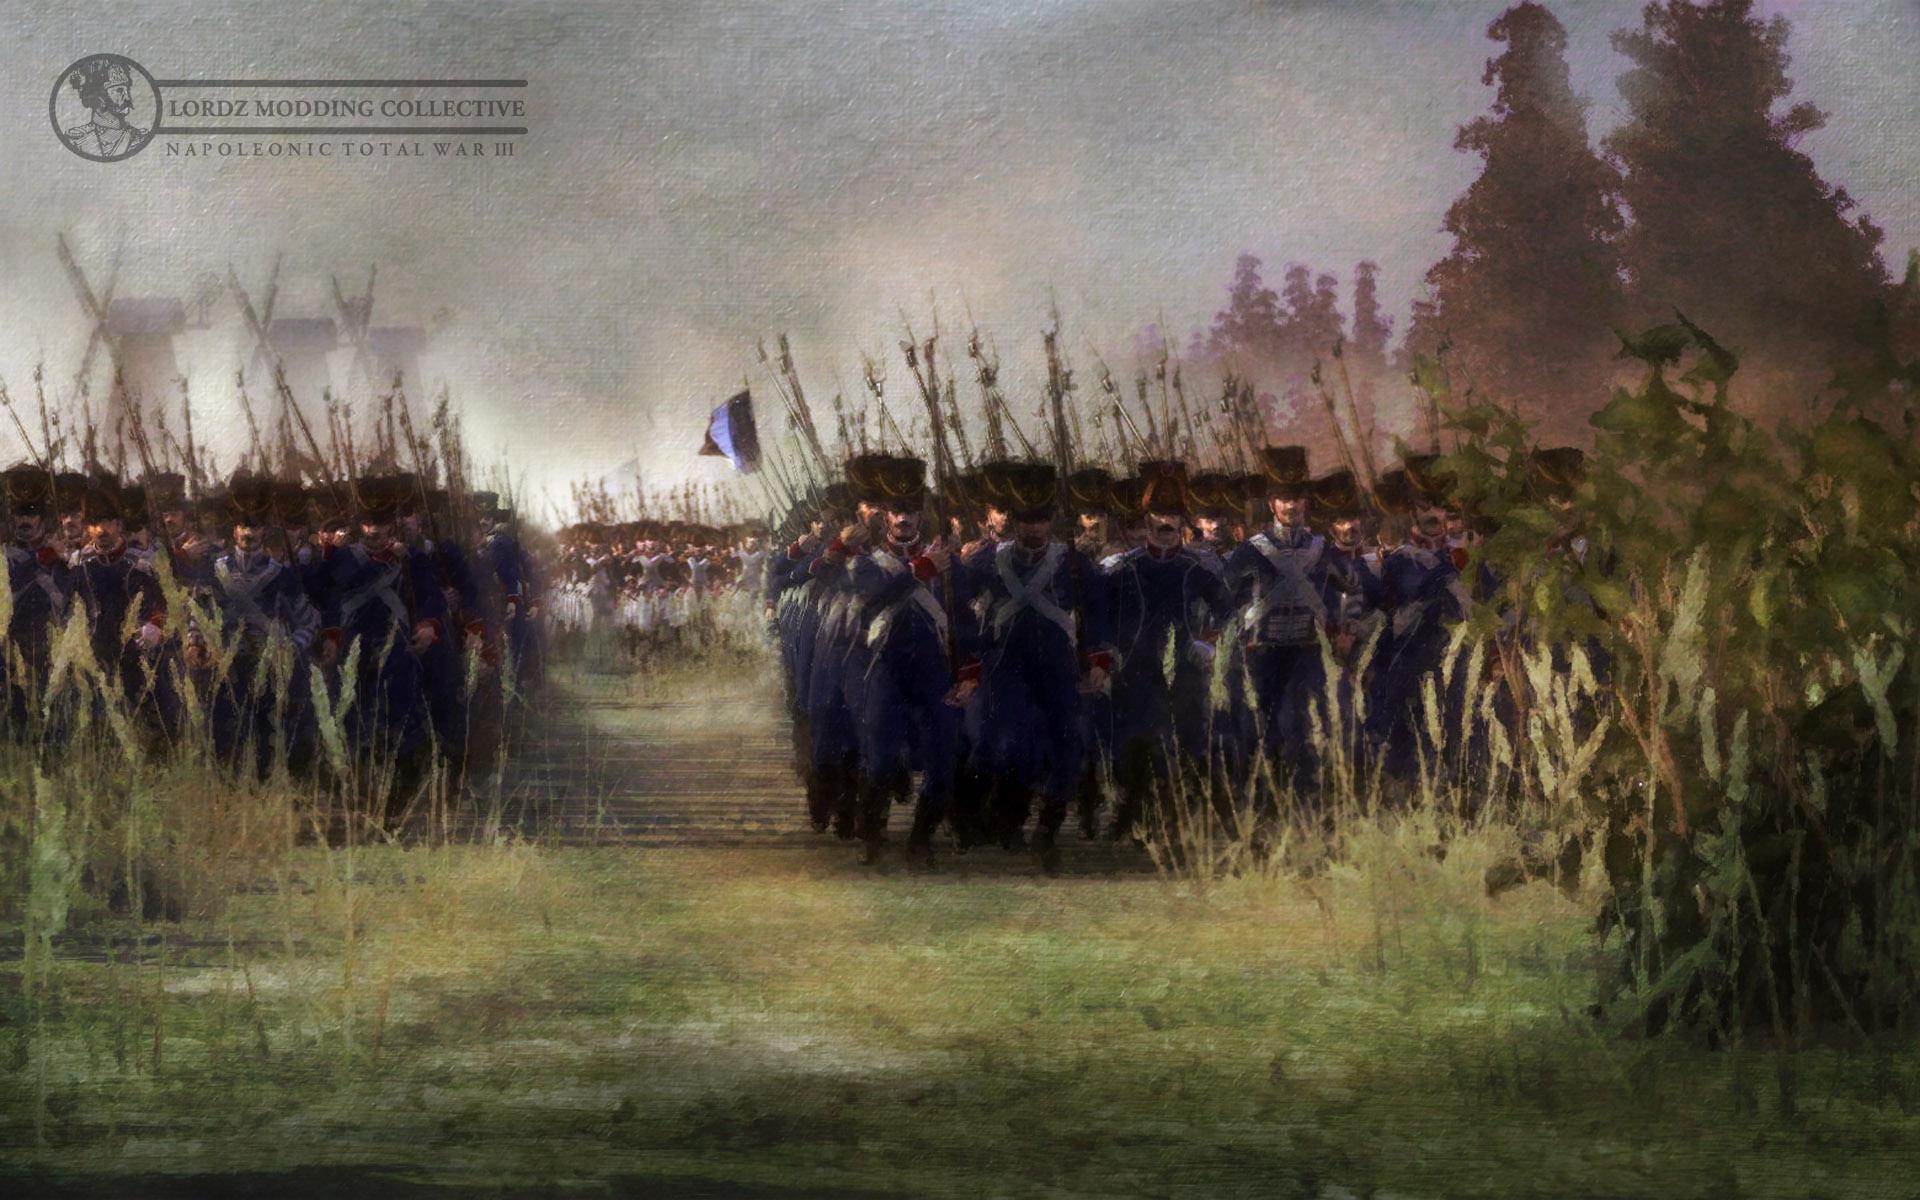 Napoleon Total War wallpaper   230208 1920x1200